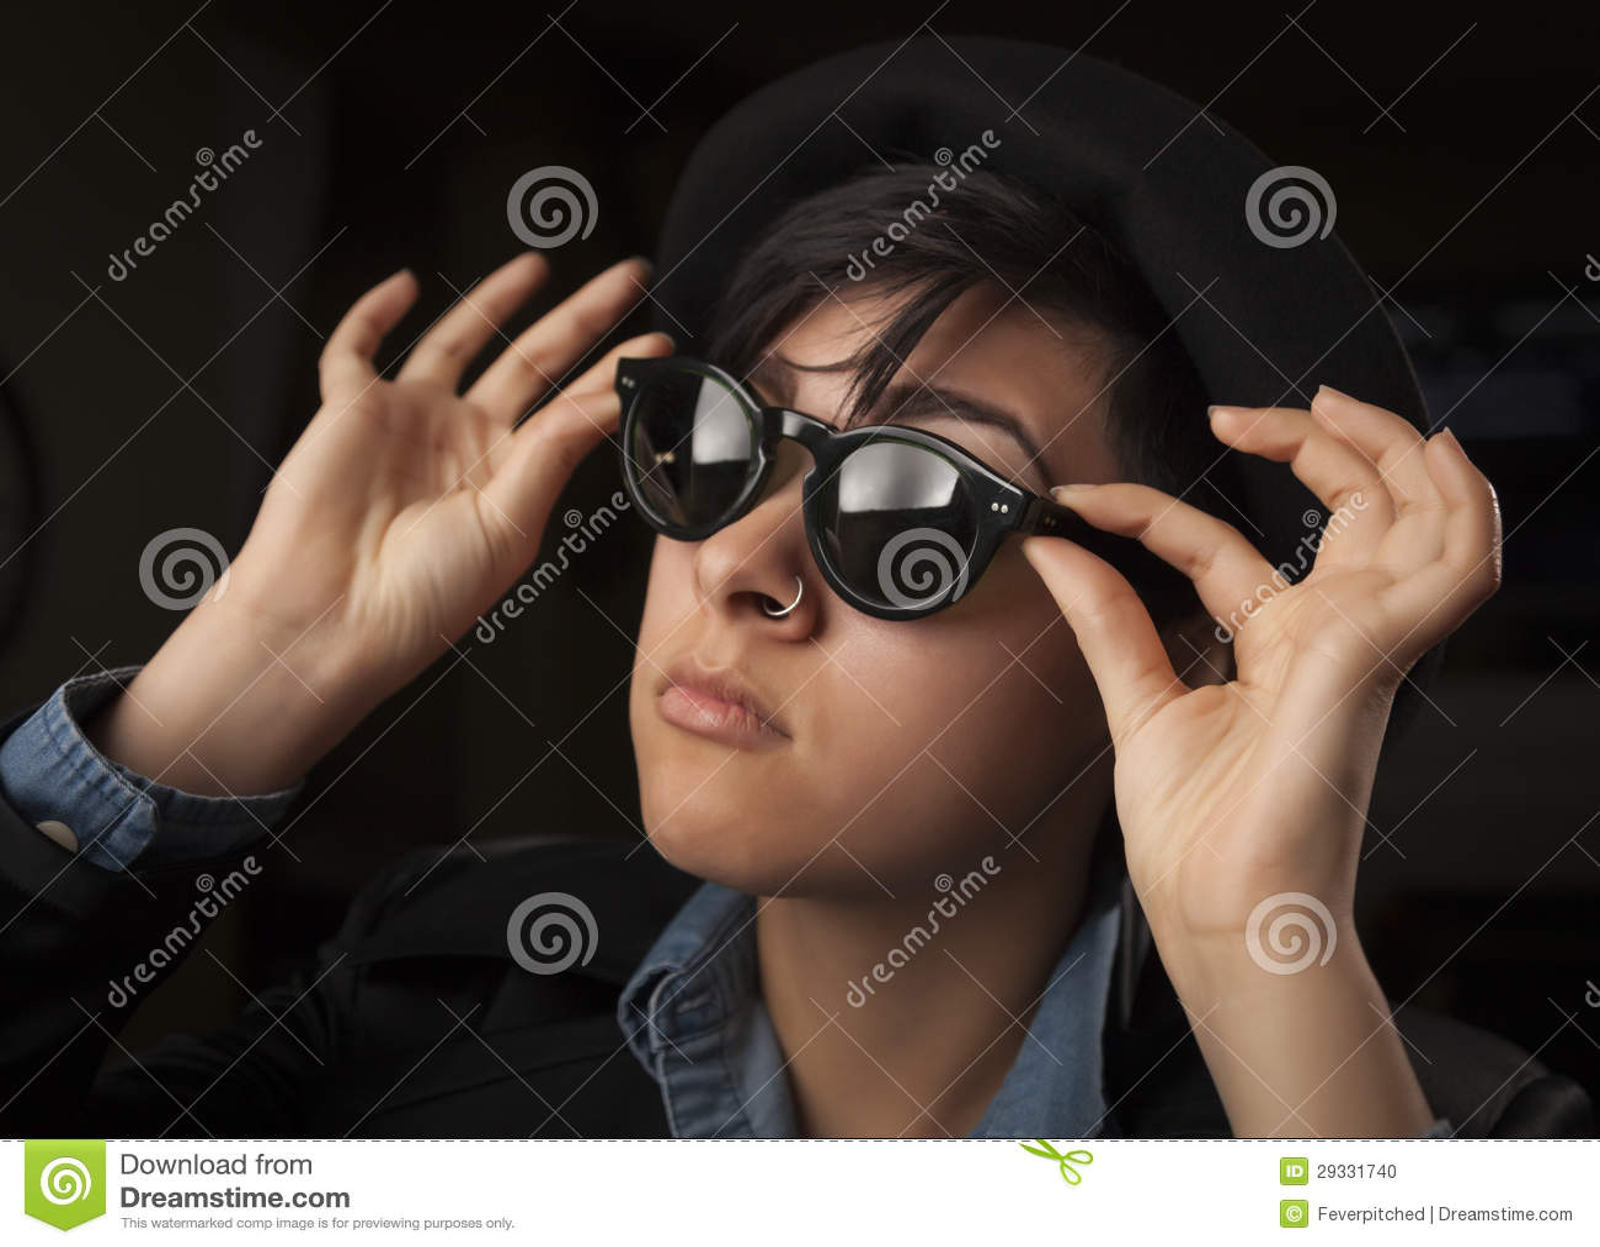 Etnisk blandad flicka som ha på sig solglasögon